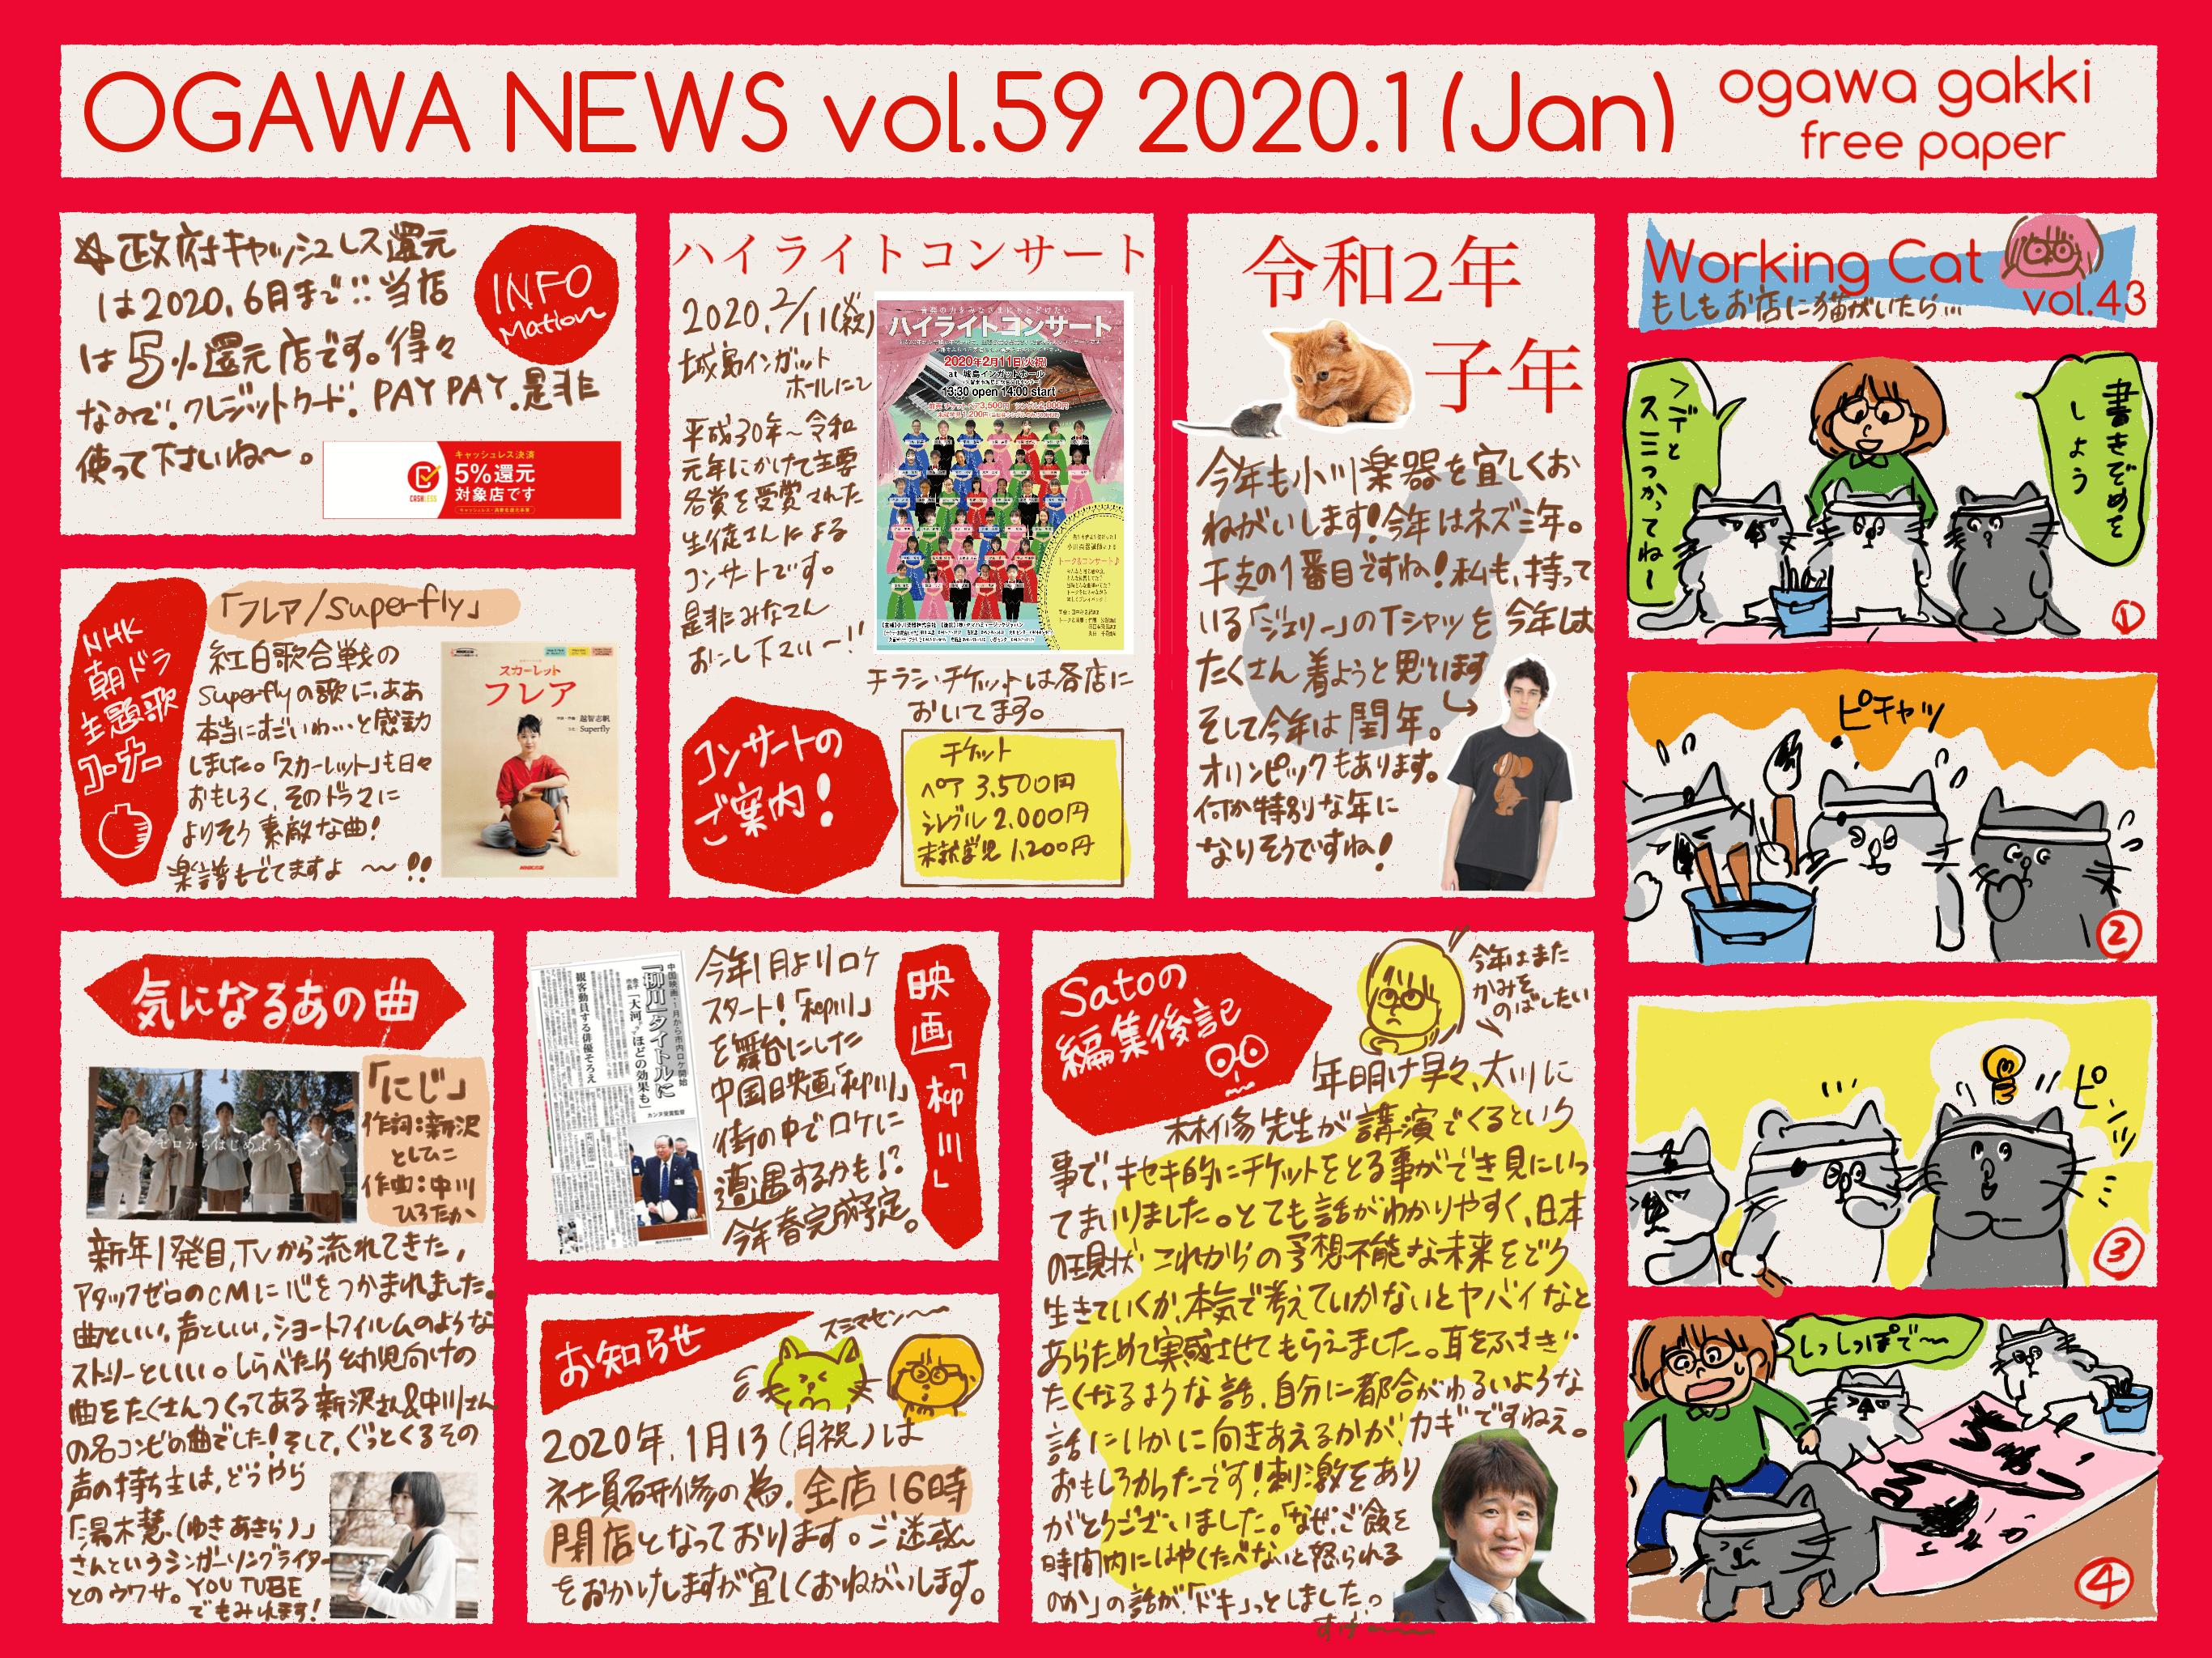 【柳川・佐賀店フリーペーパー】vol.59 2020年1月号